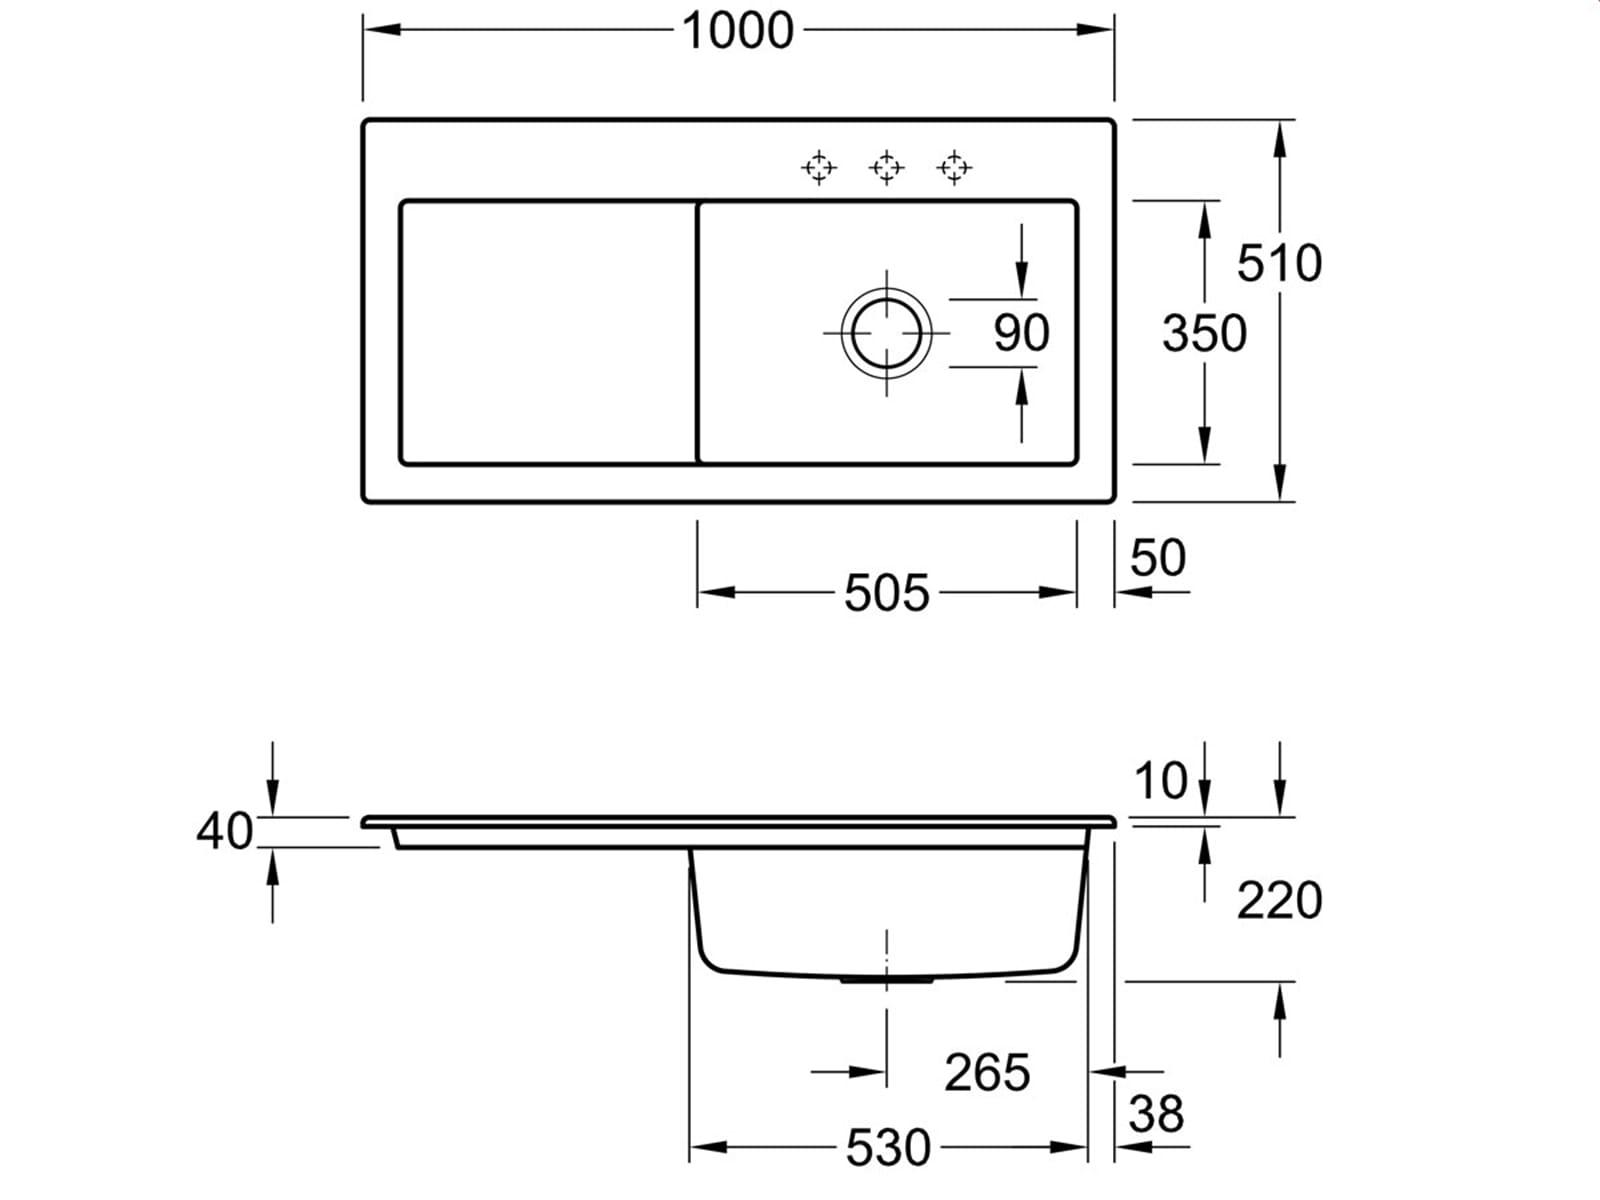 Villeroy & Boch Subway 60 XL White Pearl - 6719 01 KT Keramikspüle Handbetätigung